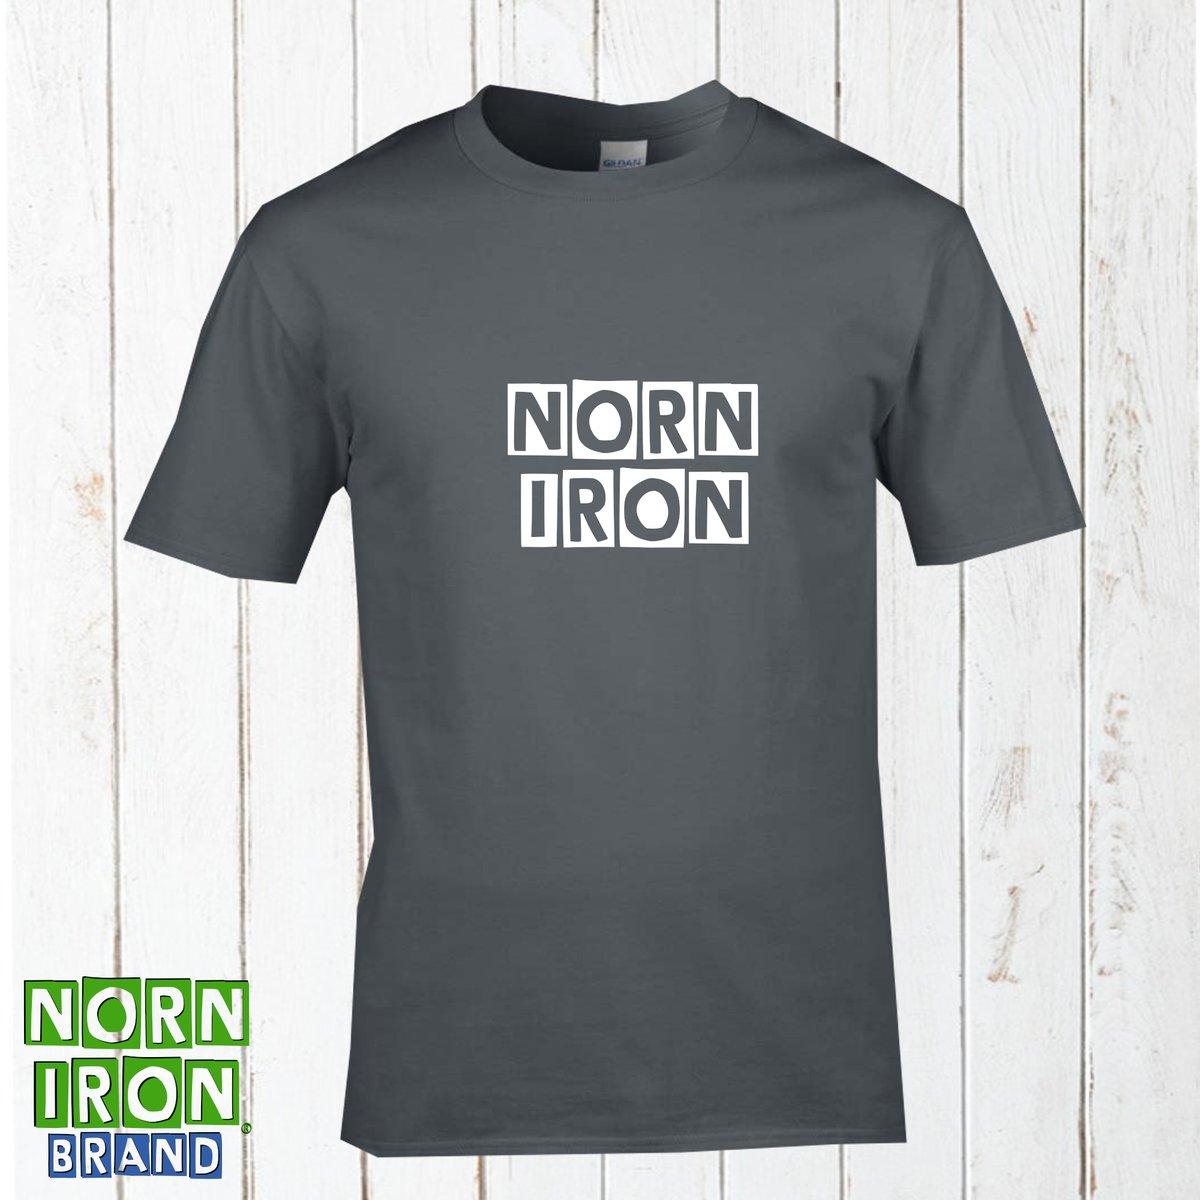 Official Norn Iron® Brand T-Shirt